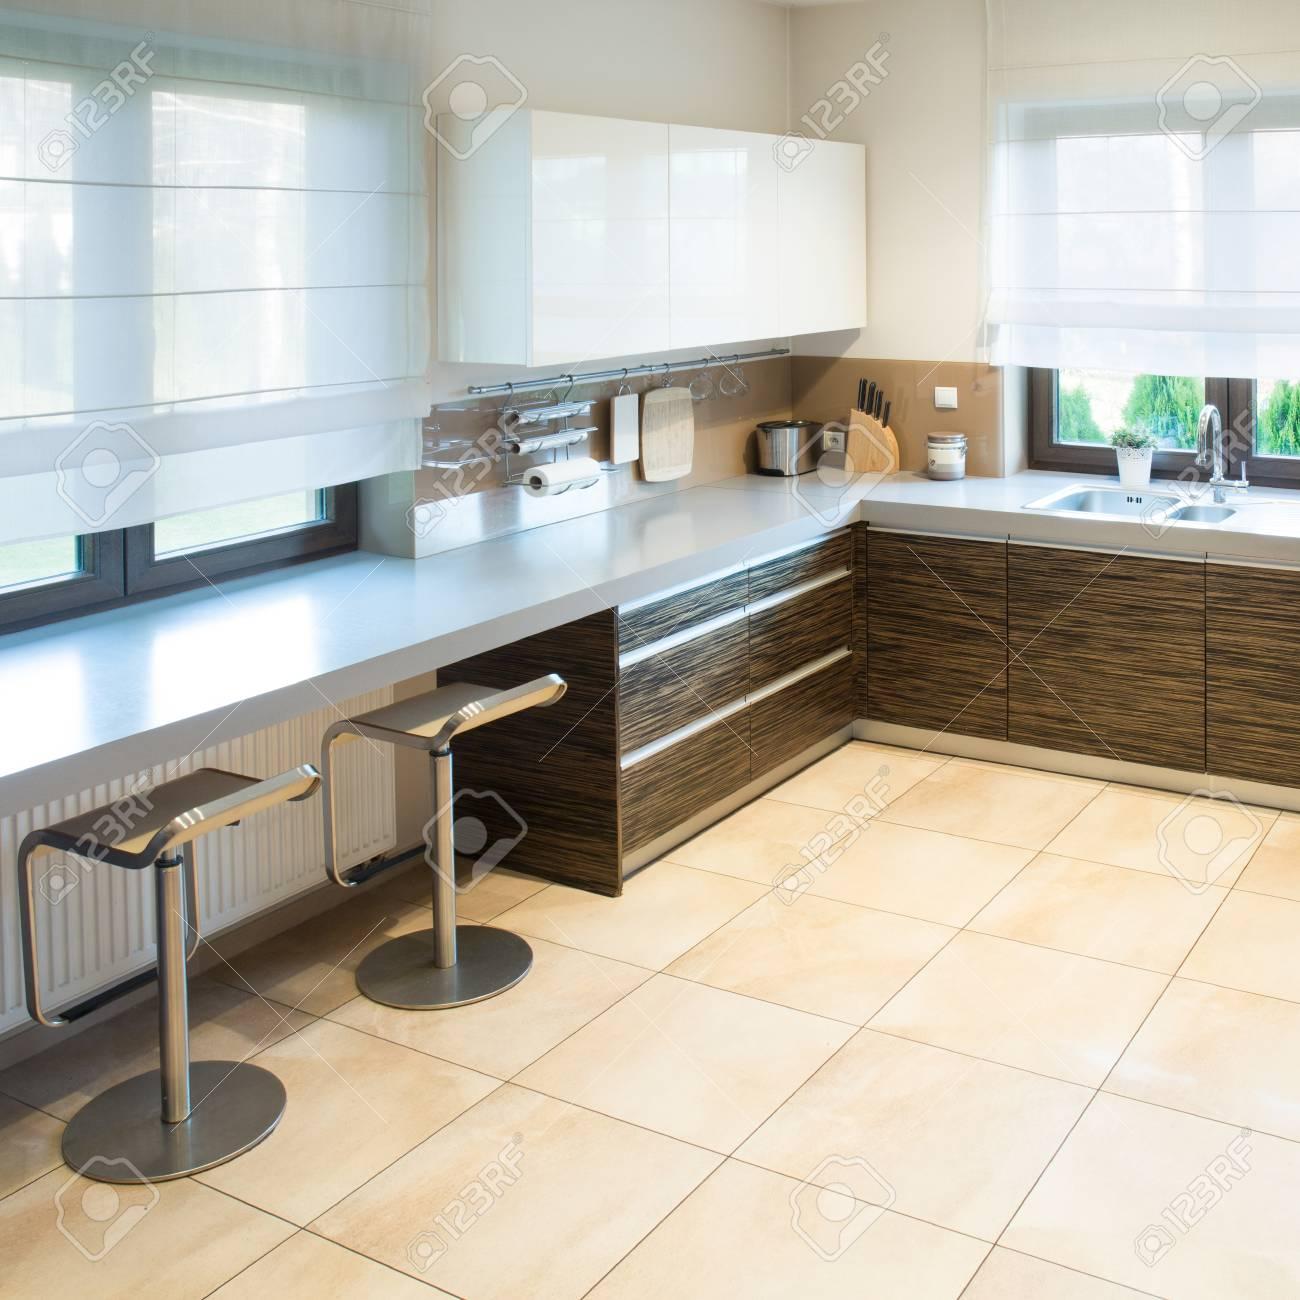 Banque Du0027images   Cuisine Moderne Spacieuse Avec Un Petit Espace Salle à  Manger